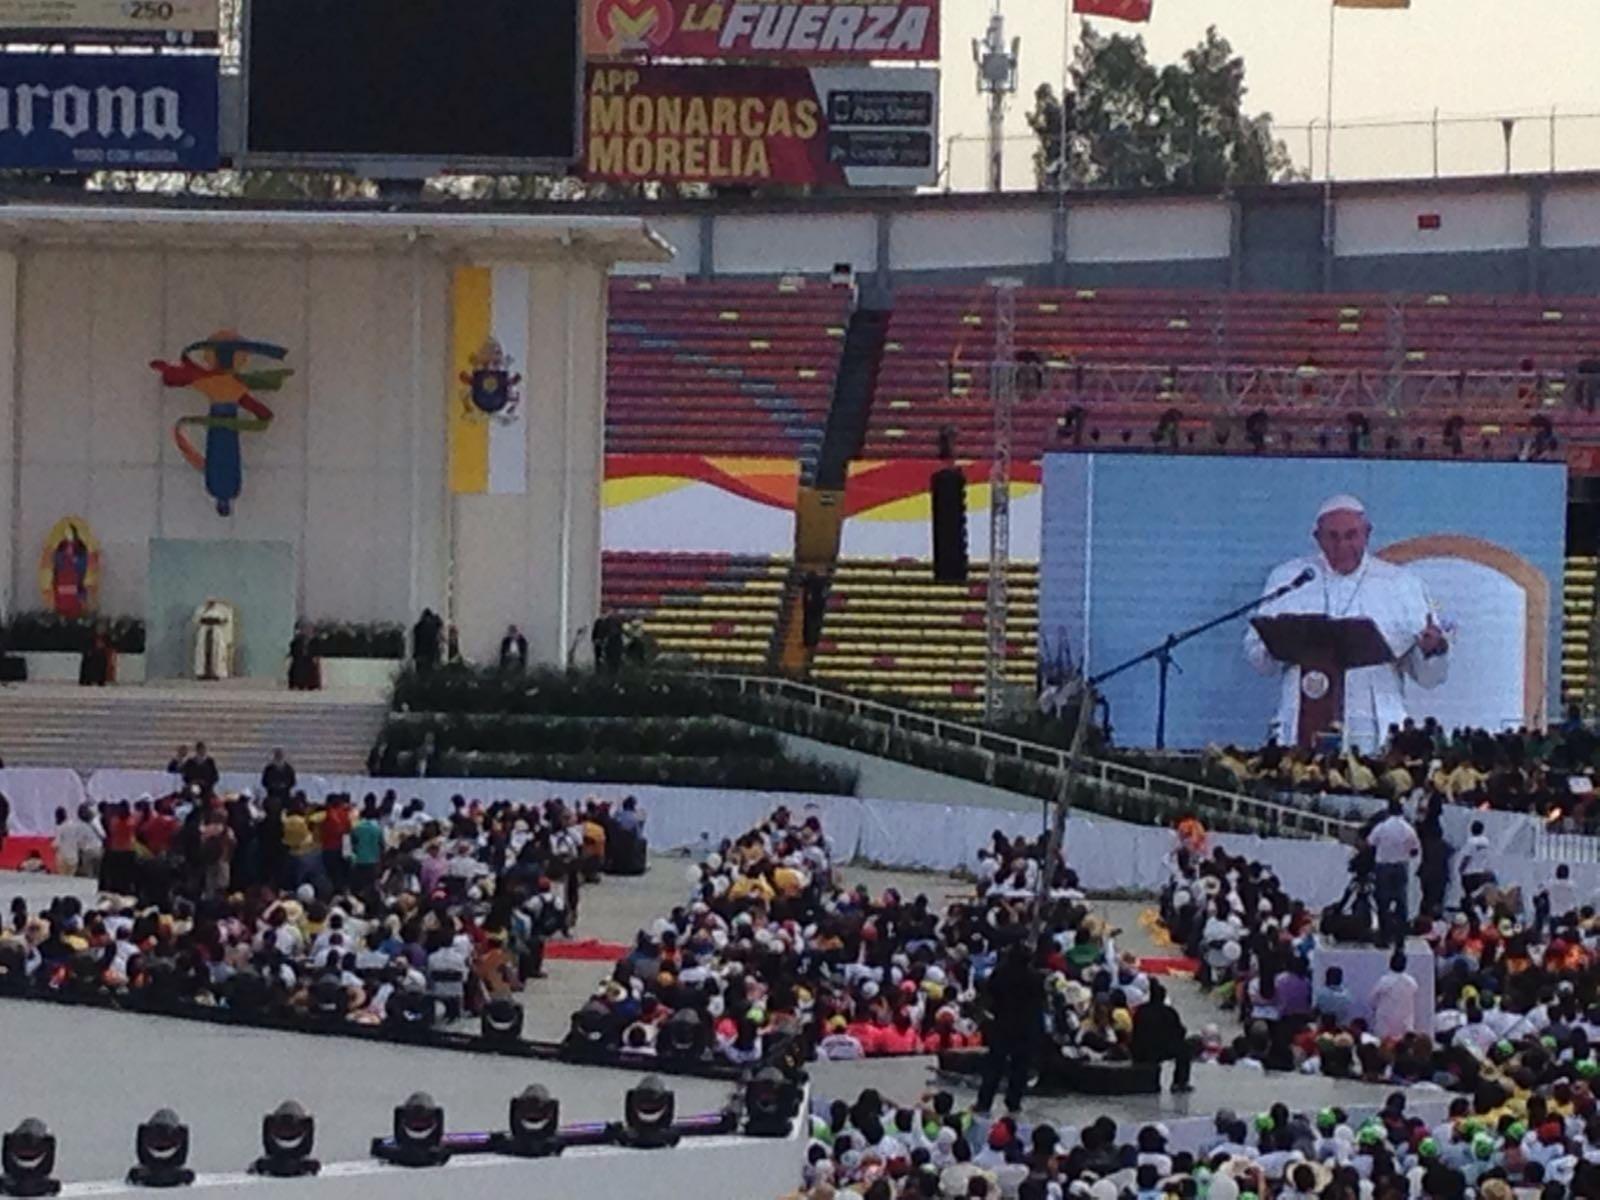 El Papa dio un mensaje centrado en la esperanza. Foto de: Úrsula Martínez